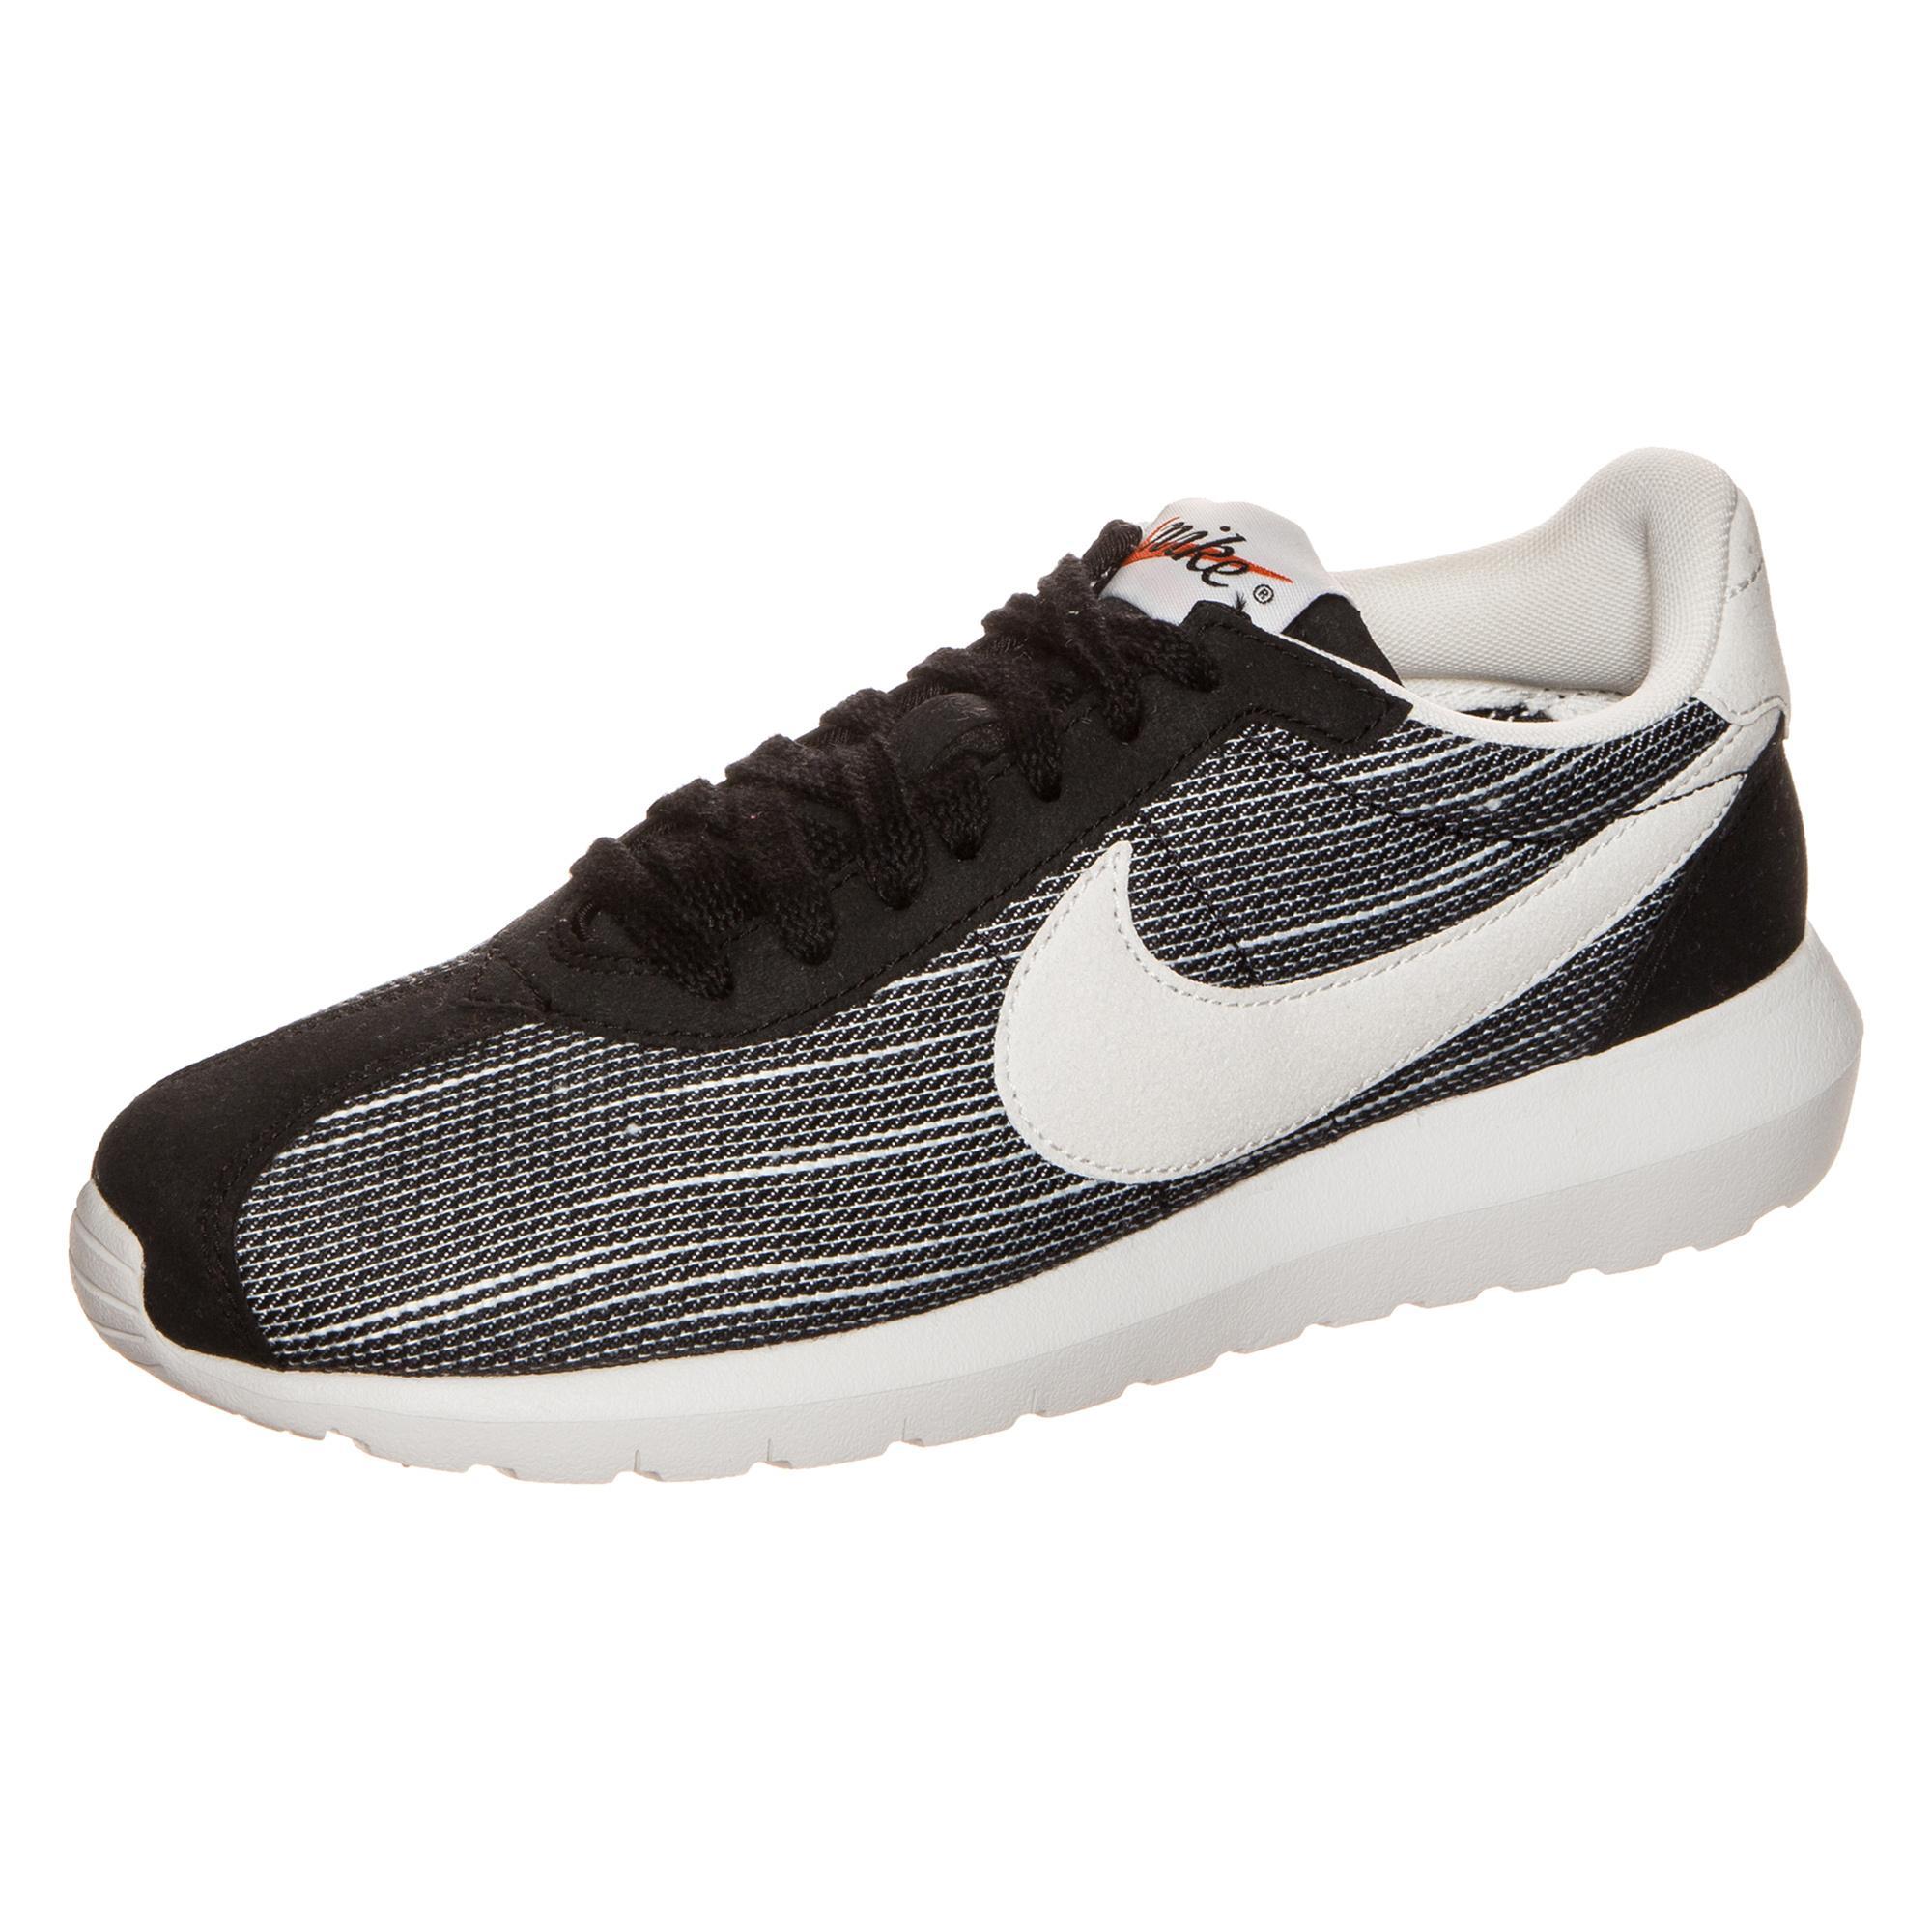 Nike Roshe-LD 1000 Turnschuhe Damen schwarz   weiß im Online Shop von SportScheck kaufen Gute Qualität beliebte Schuhe